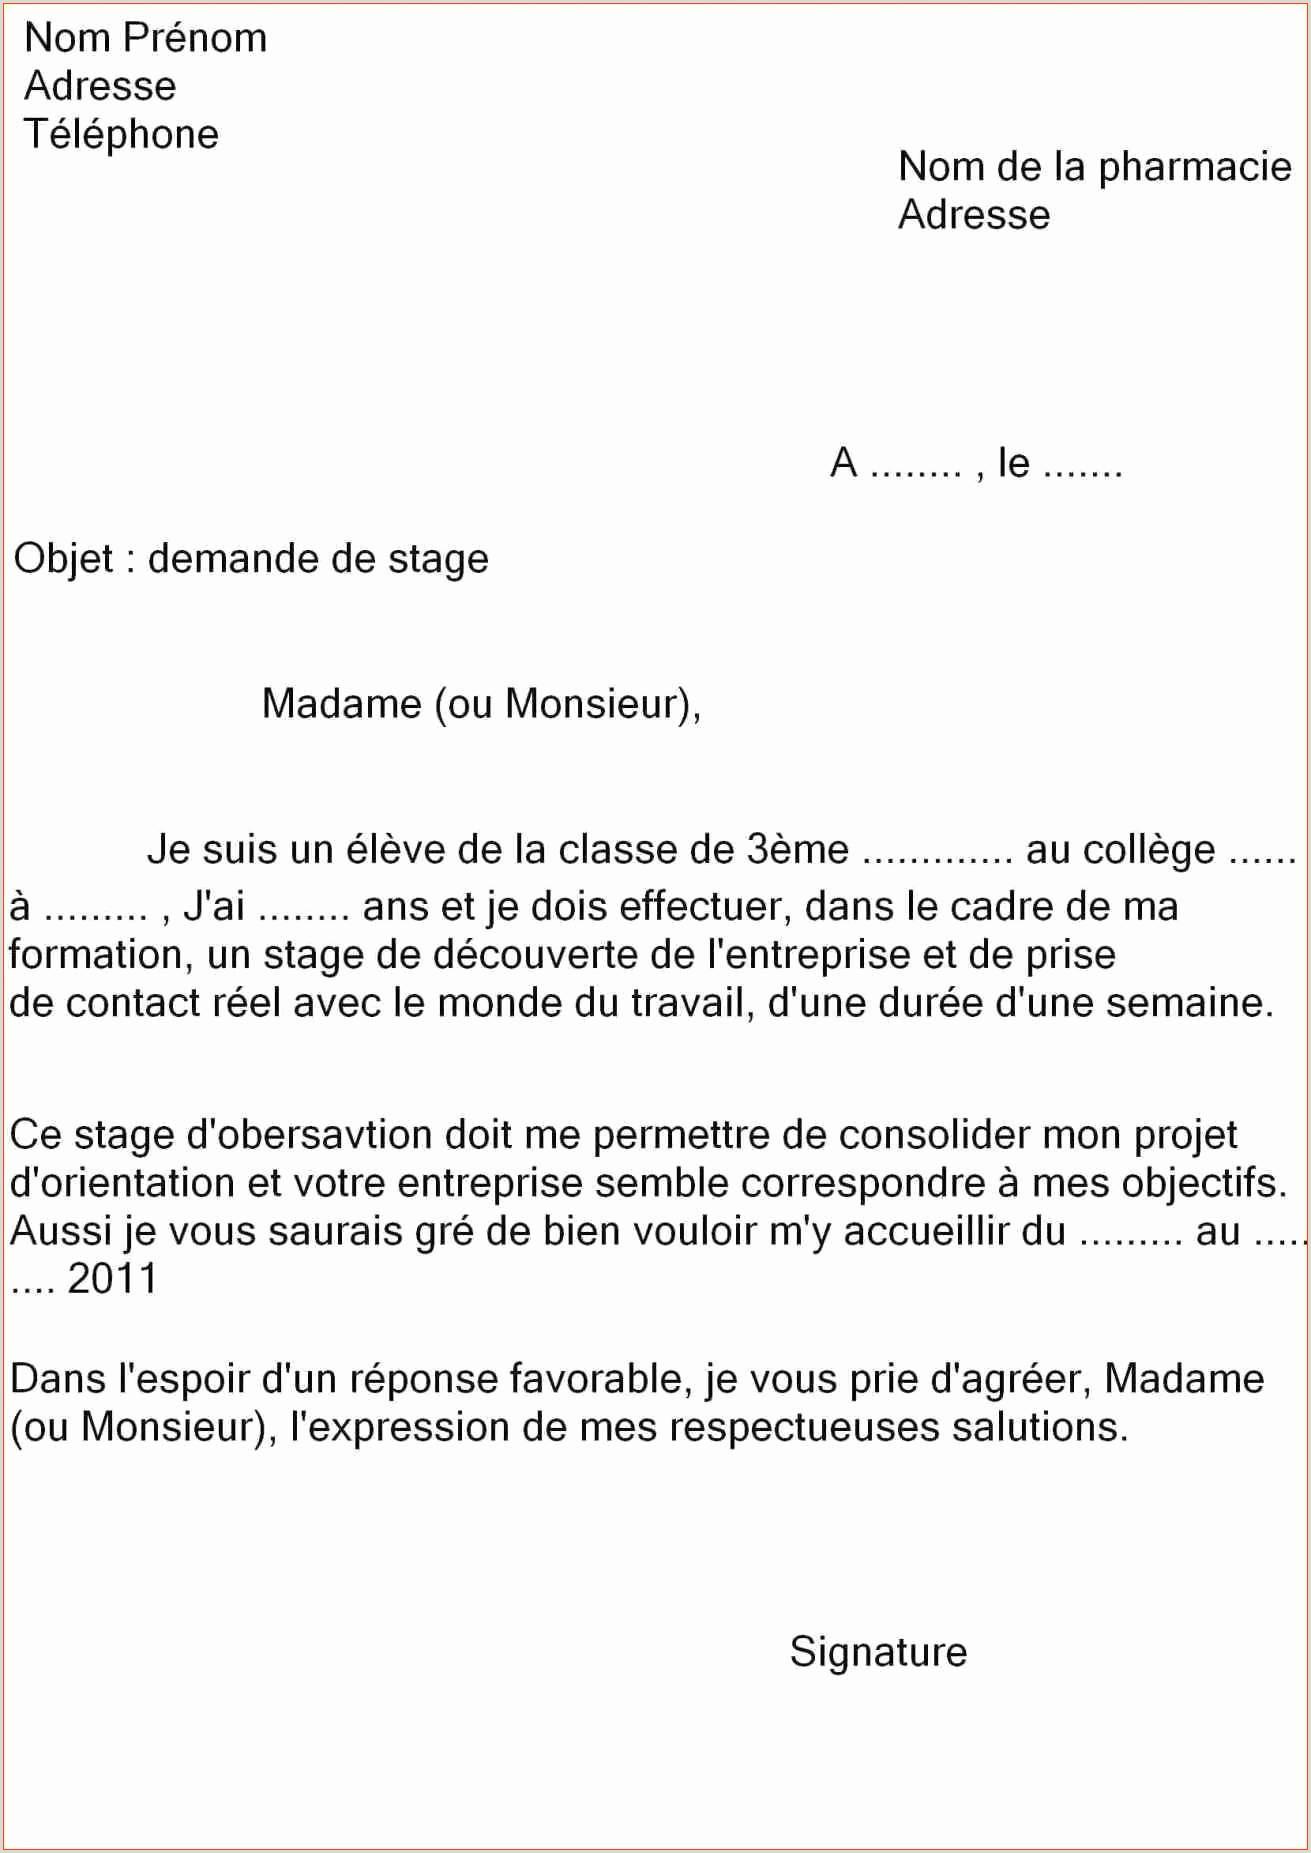 Rapport De Stage Bac Pro Gestion Administration Unique 15